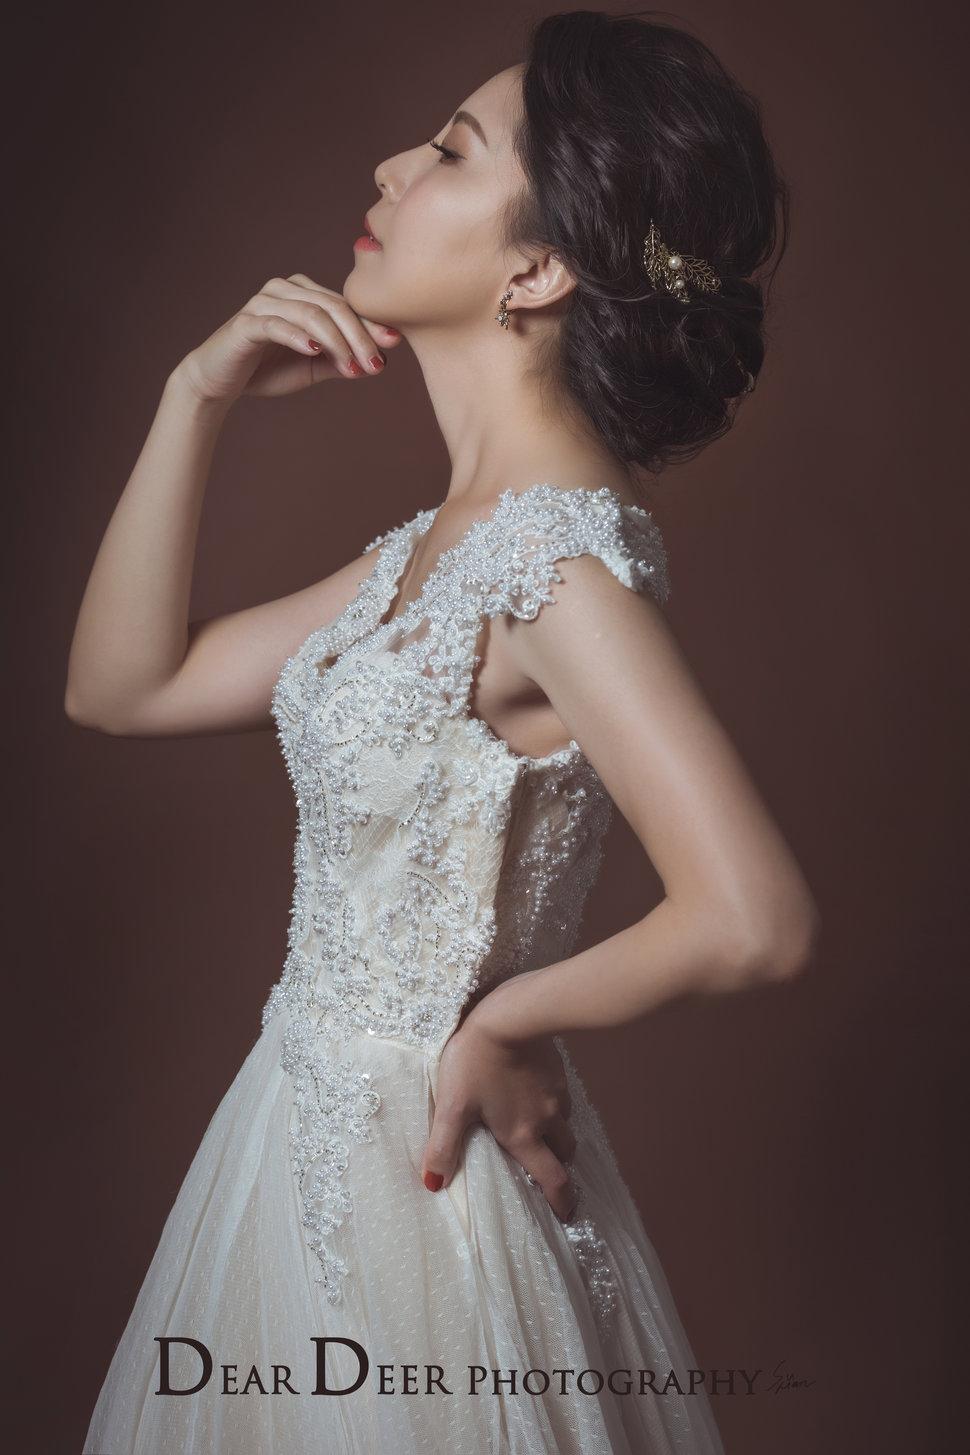 Dear Deer|時尚雜誌風(編號:1280551) - Dear Deer鹿兒攝影|女攝影師蘇蔓 - 結婚吧